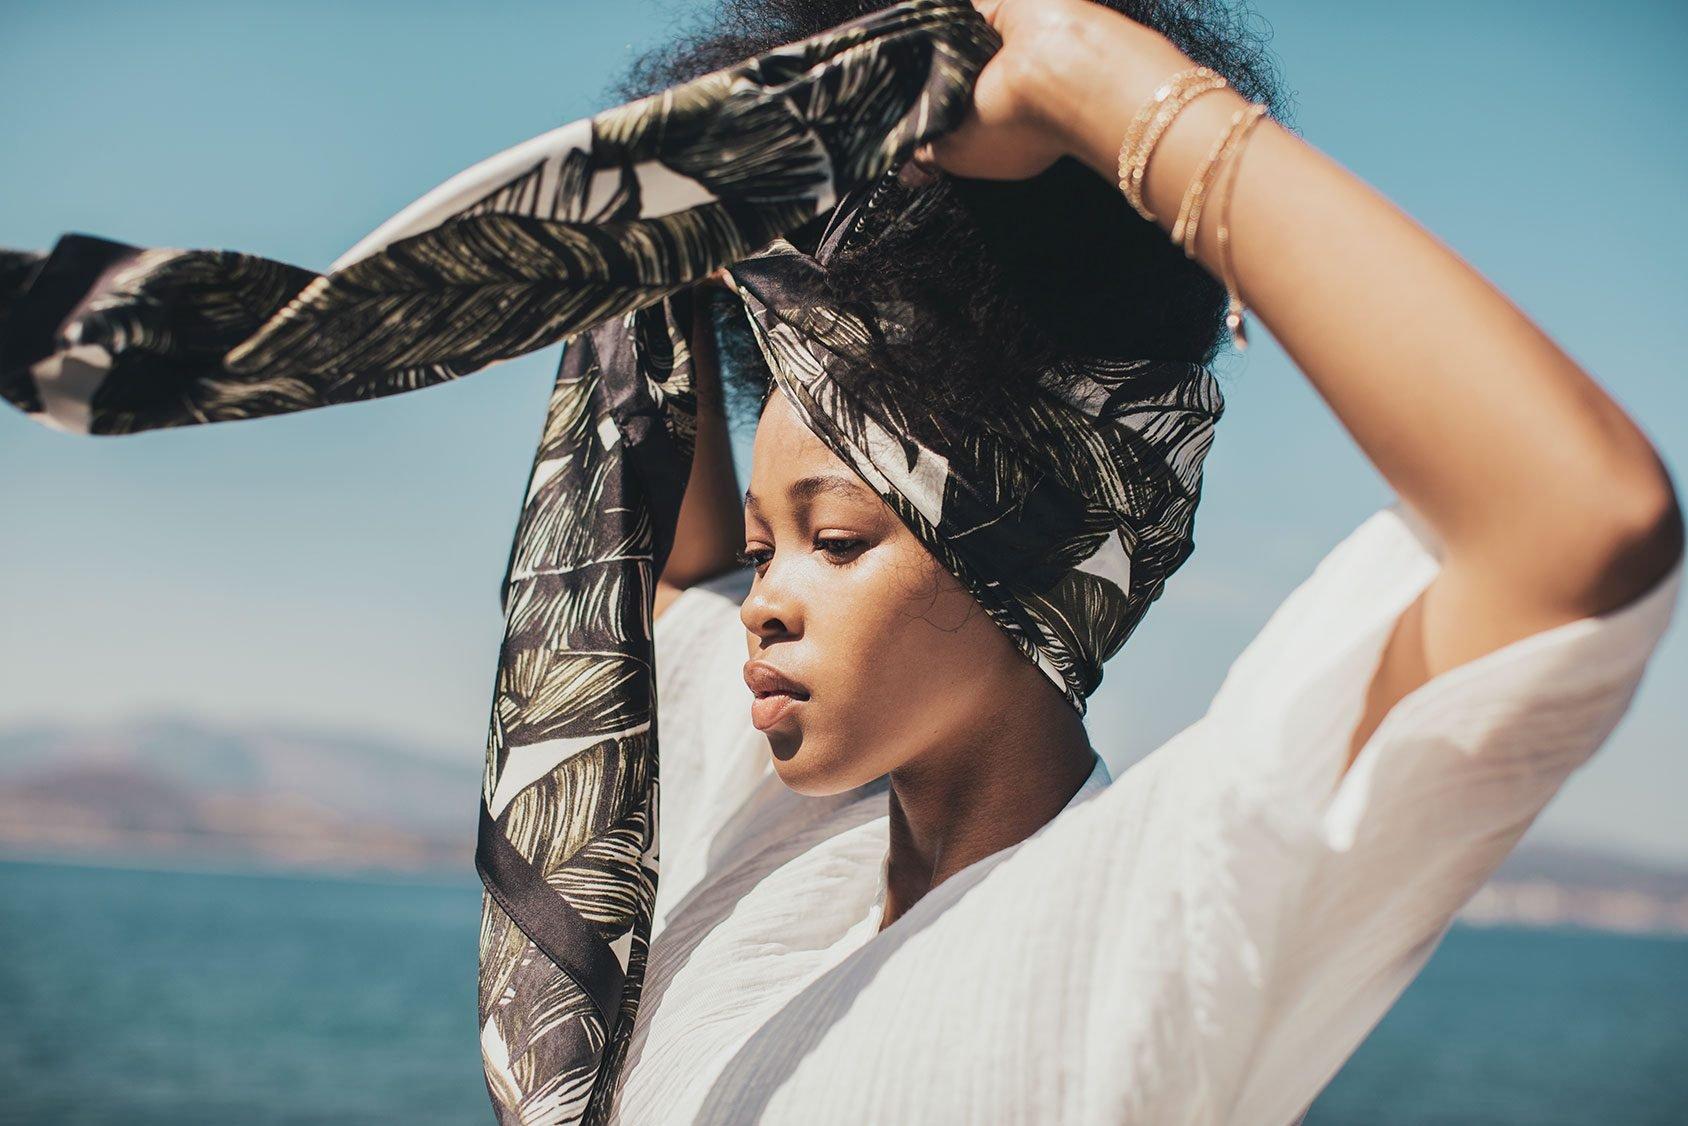 Lesen Sie unseren Artikel bis zum Ende, um zu lernen, wie Sie einfacher einen Turban binden und Ihren Party-Look am besten stylen können.